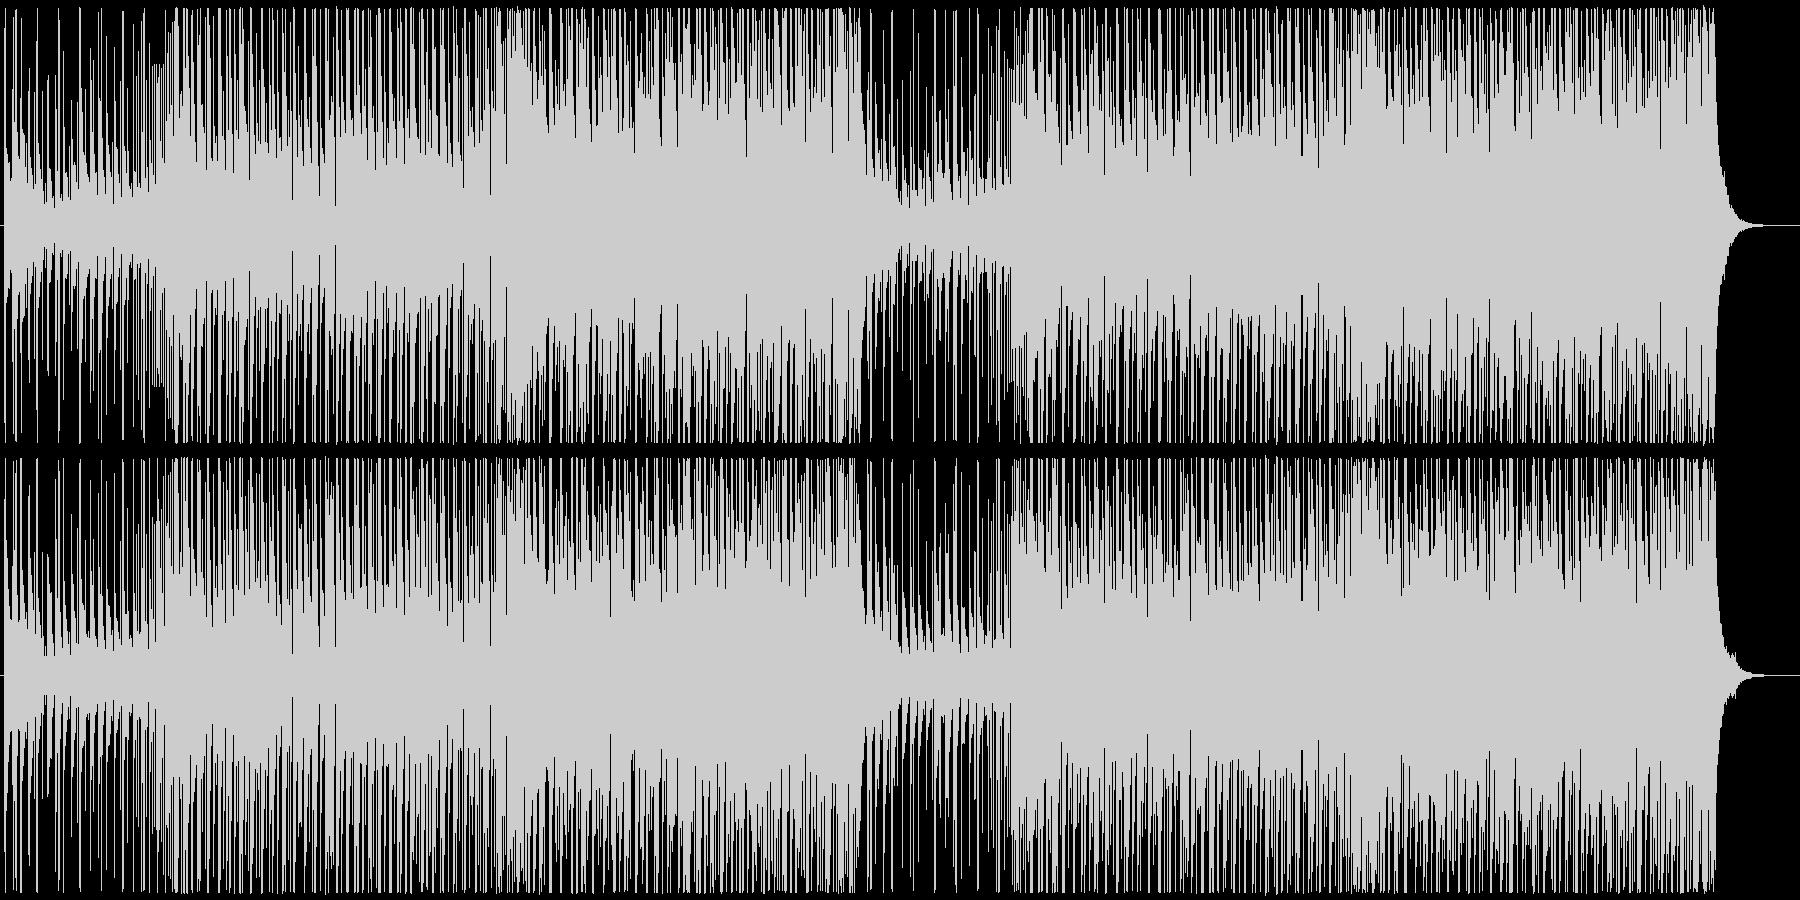 切ない雰囲気 トロピカルハウス、EDMの未再生の波形